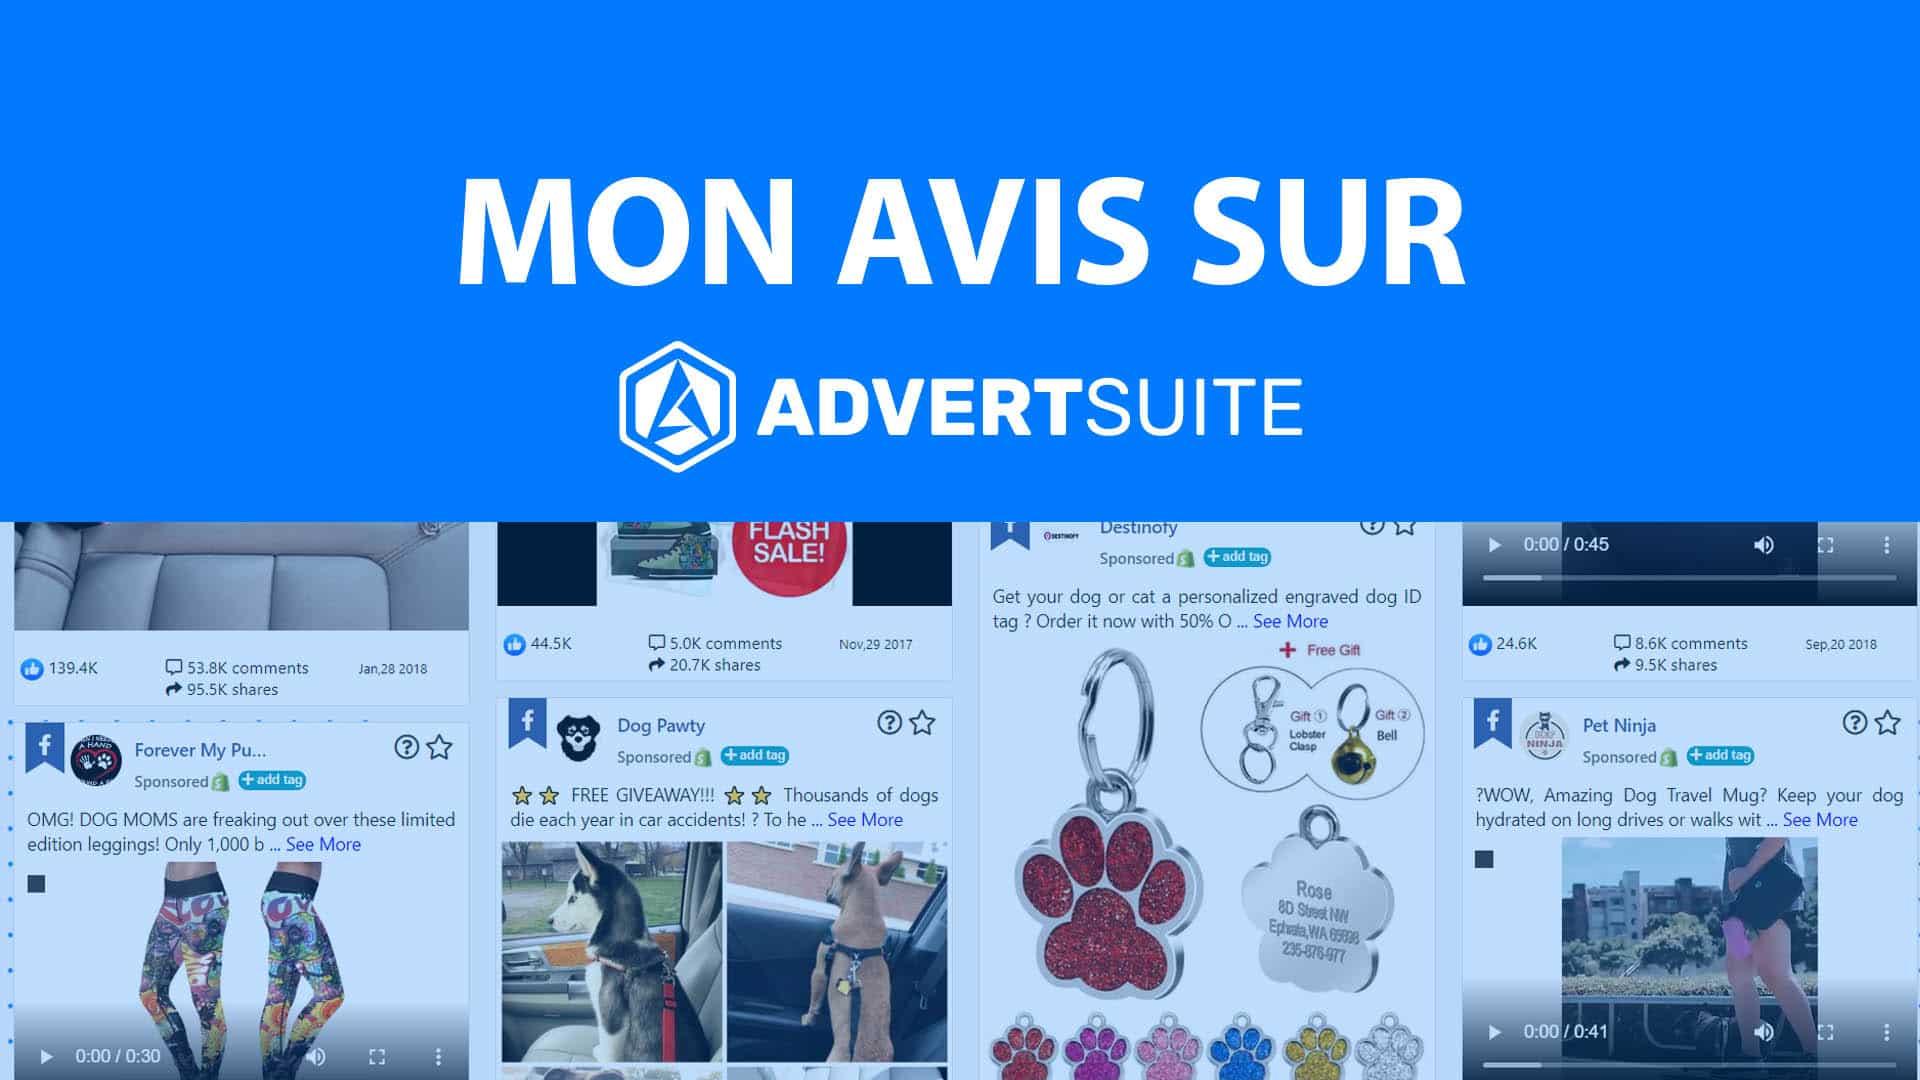 Le logiciel advertsuite qui permet de trouver des publicités facebook qui fonctionnent sur internet